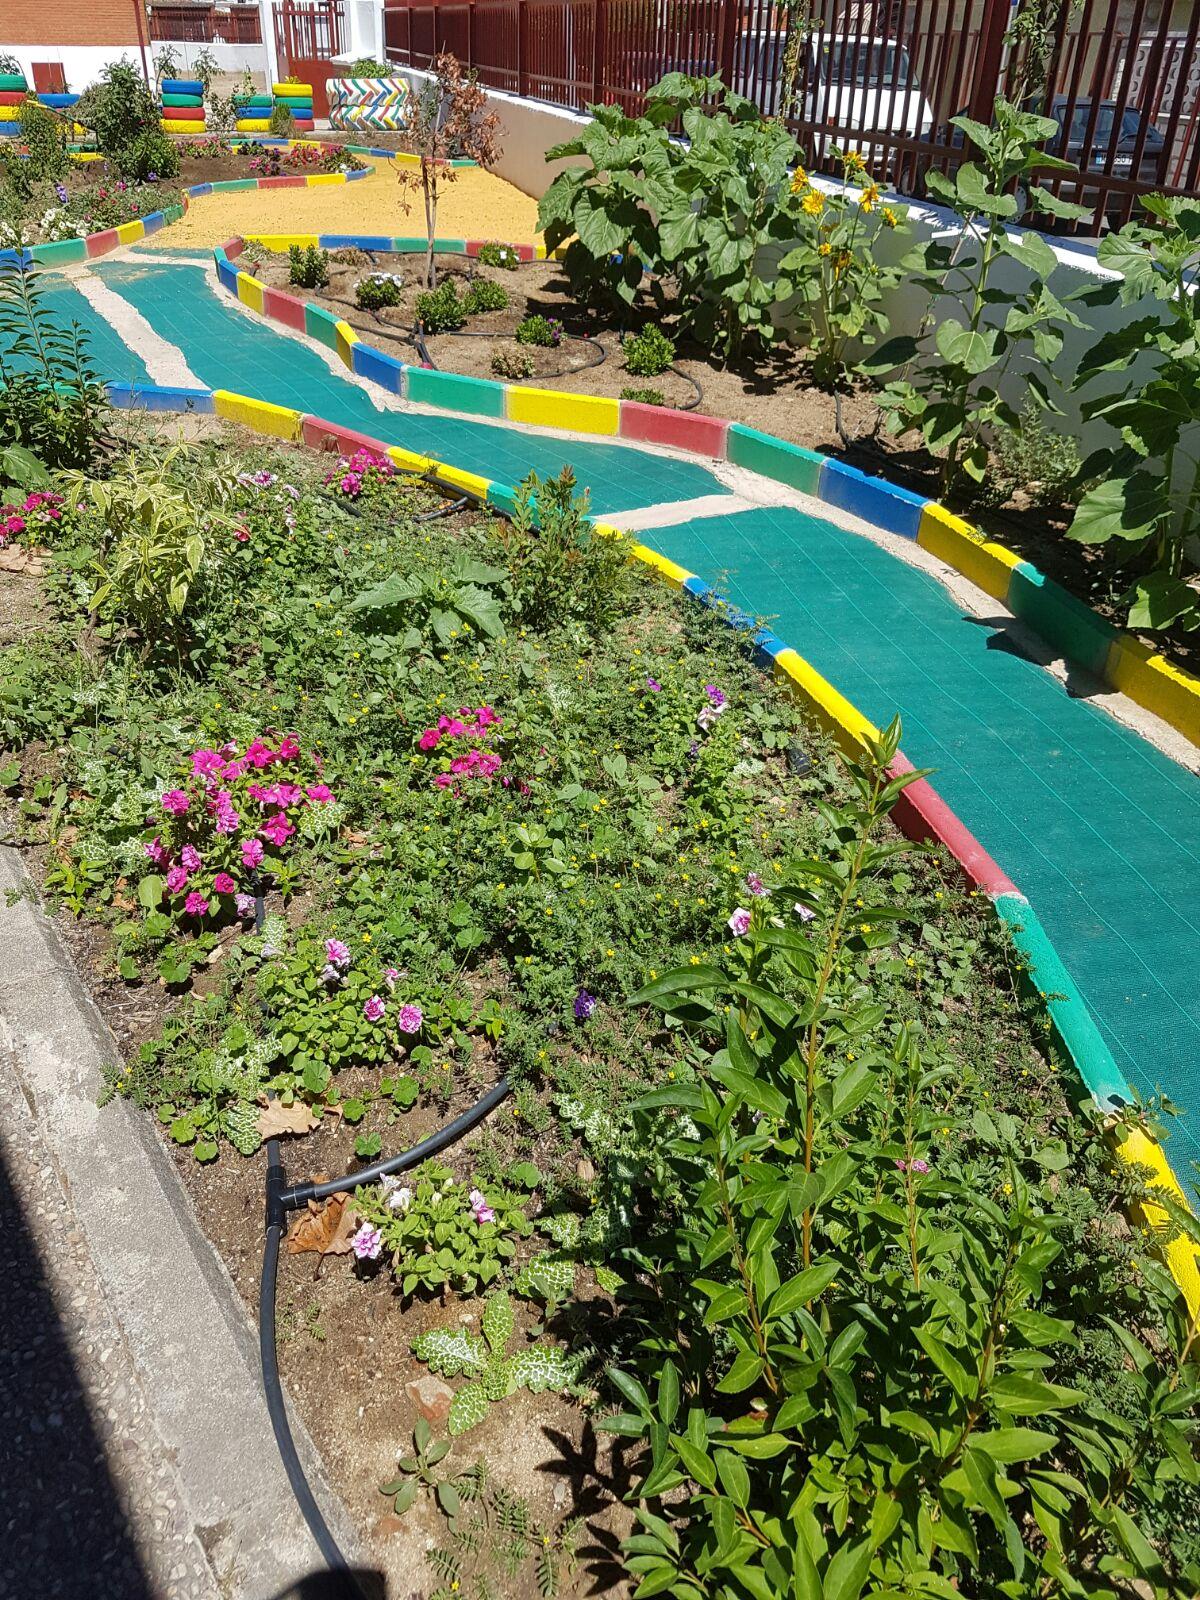 Aldea del fresno a21 peri dico gratuito sierra oeste de for Jardin oriental aldea del fresno